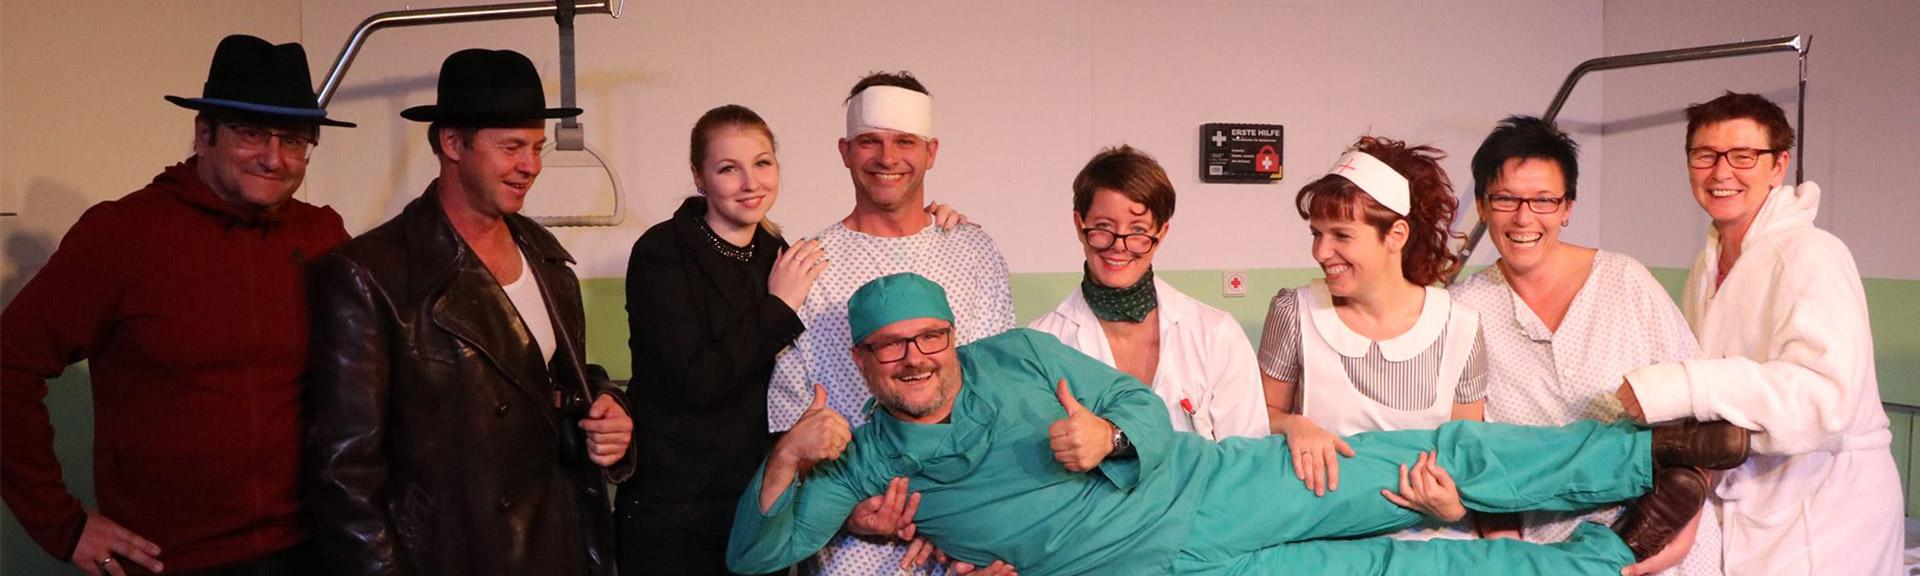 Theater Wenigzell_Amnesie für Fotgeschrittene_2017